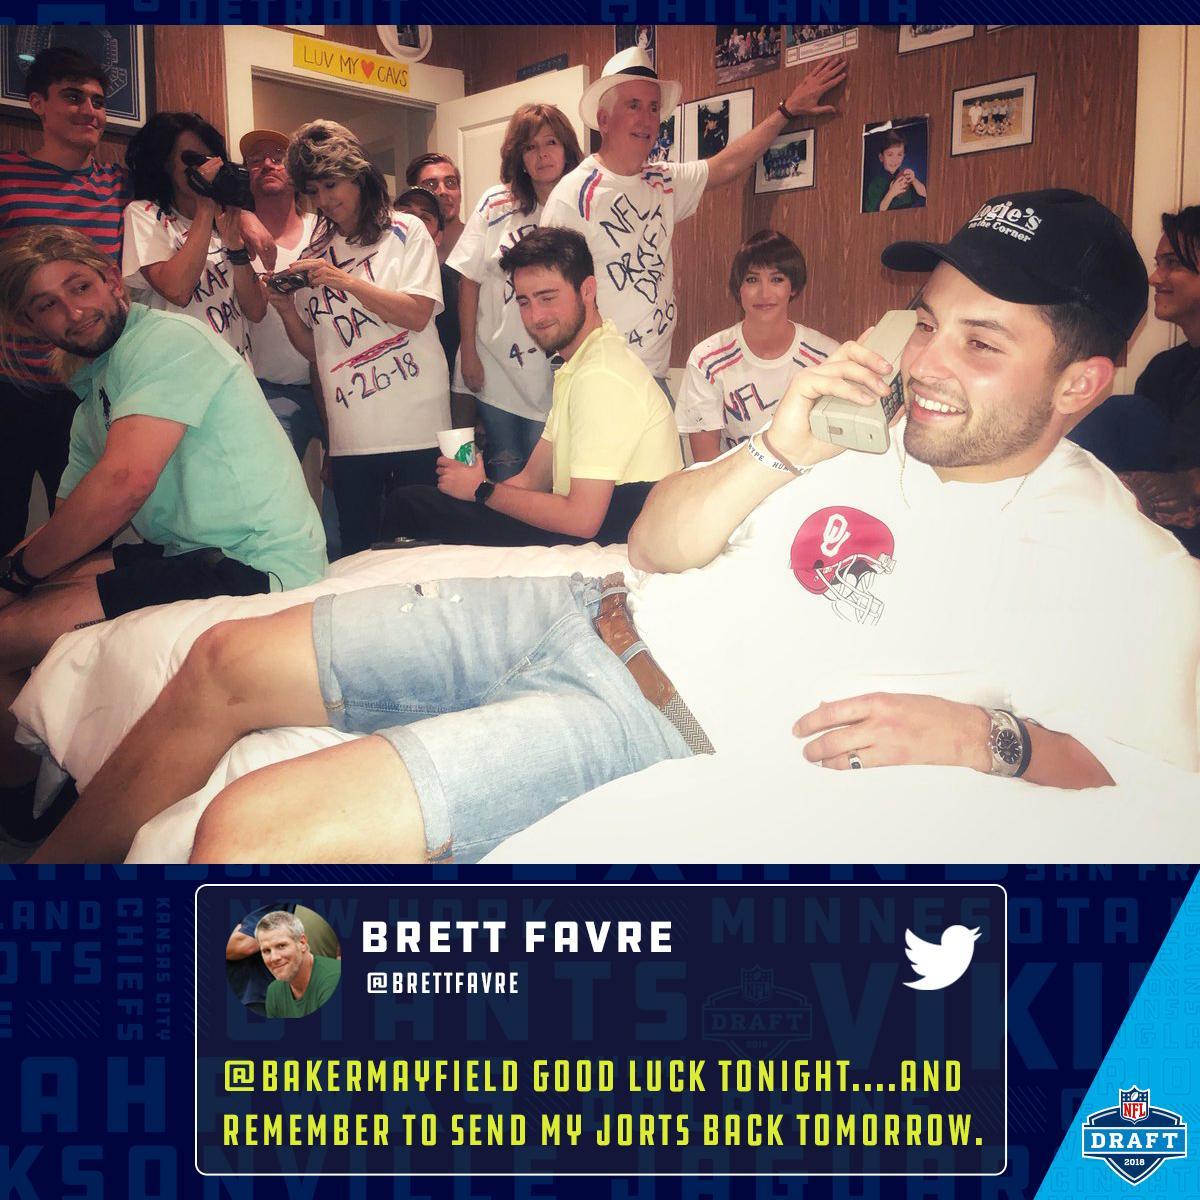 Look familiar? ����  @bakermayfield recreated @BrettFavre's #NFLDraft photo: https://t.co/aBPtC09SUU https://t.co/z31UMgeUXj